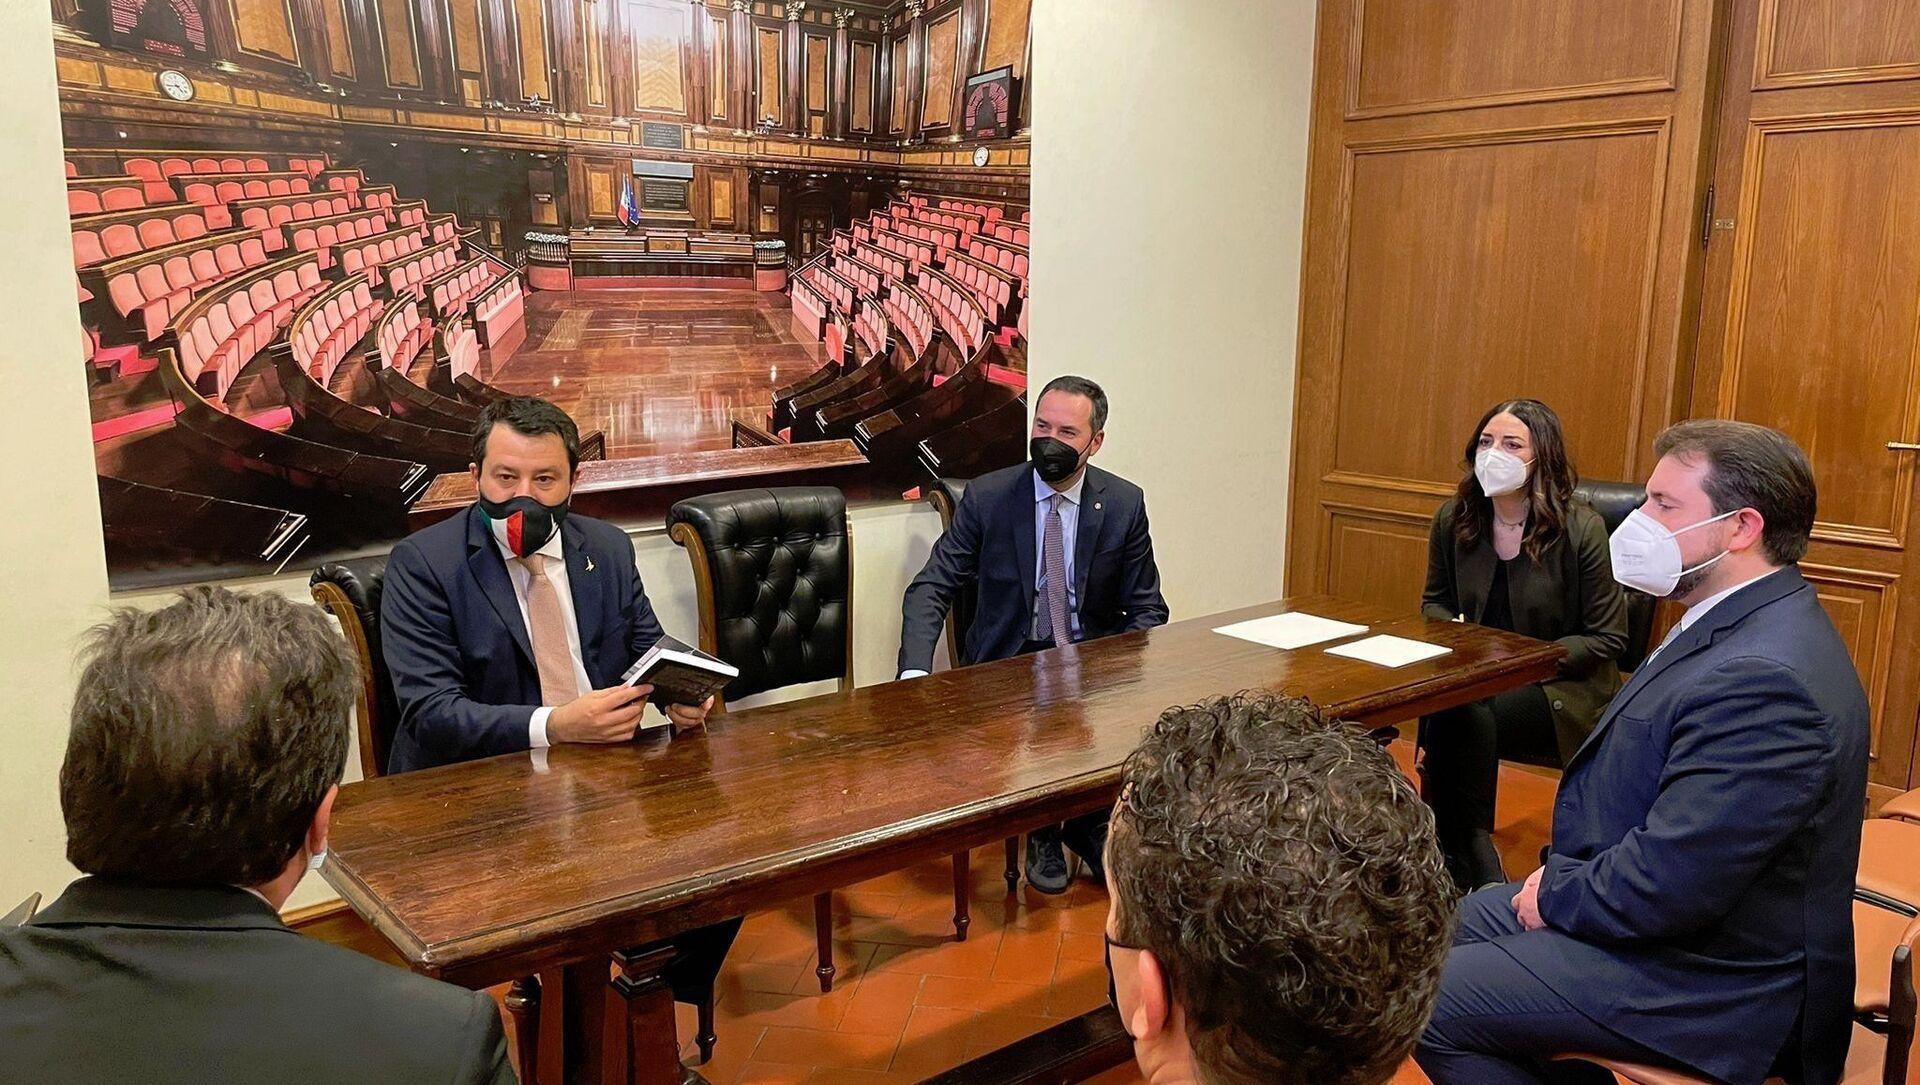 A Roma Matteo Salvini con il segretario di Stato Teodoro Lonfernini (ministro del lavoro) e la delegazione di San Marino - Sputnik Italia, 1920, 03.03.2021